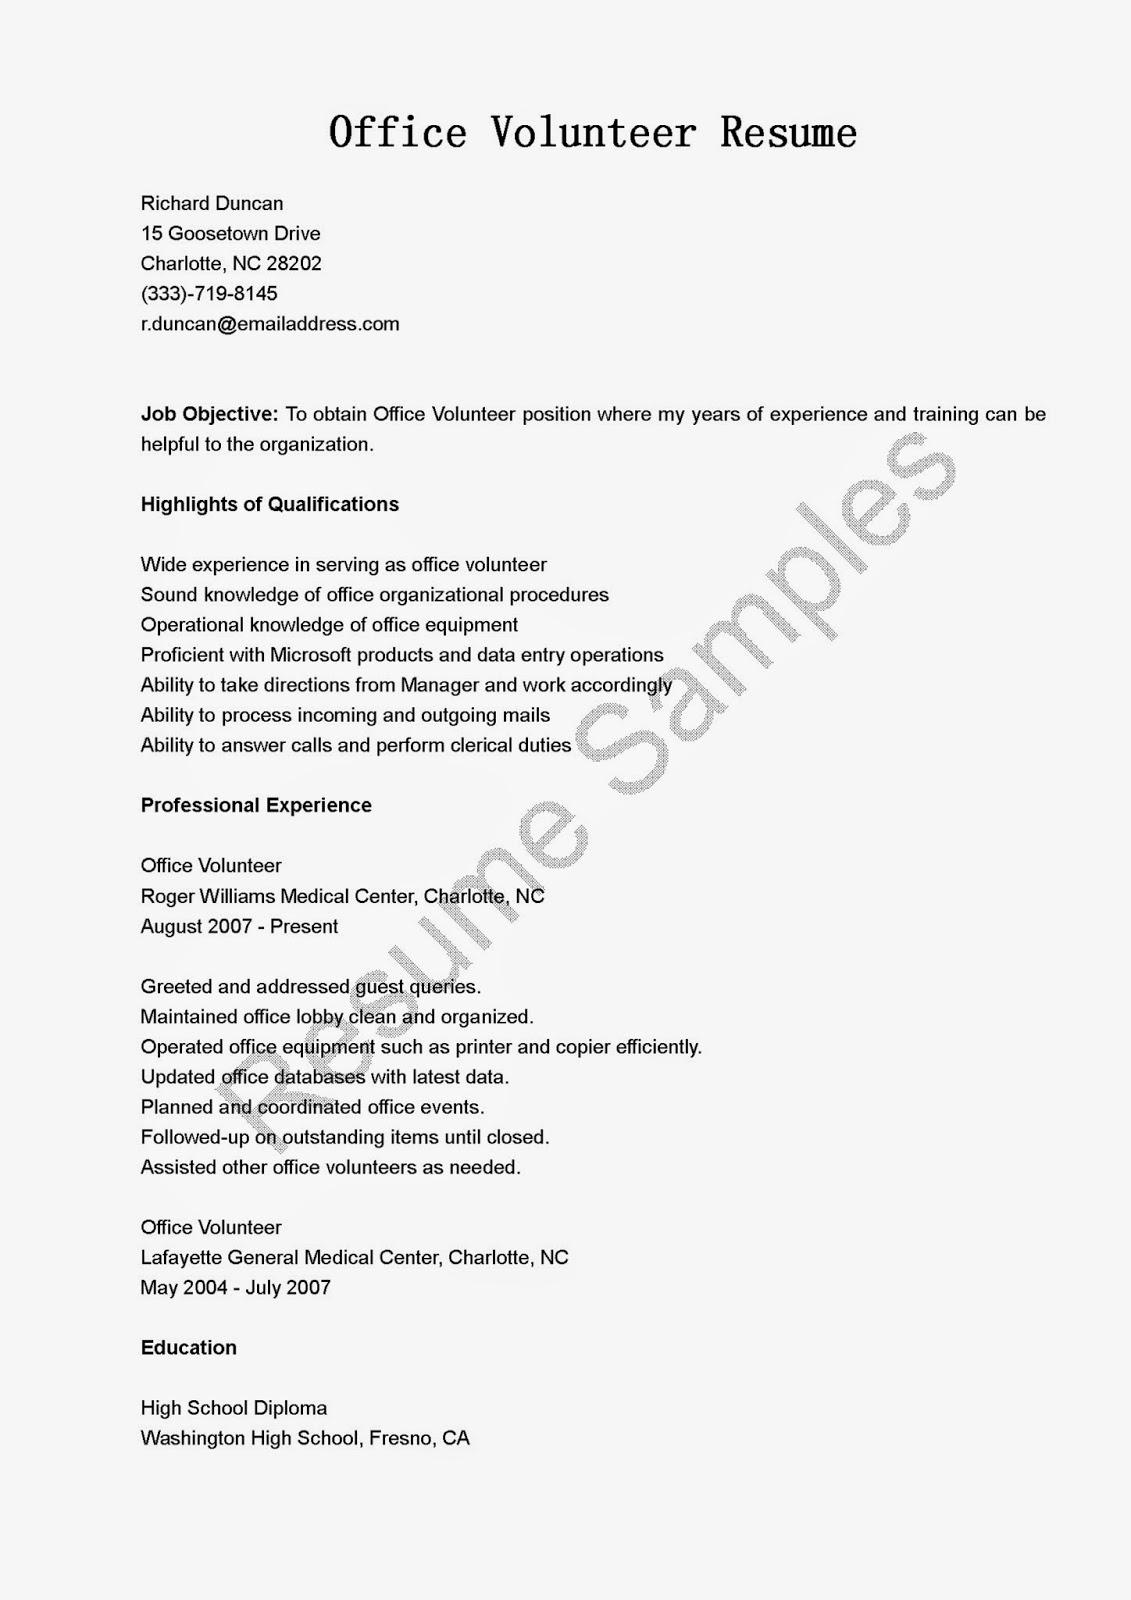 Resume Samples fice Volunteer Resume Sample